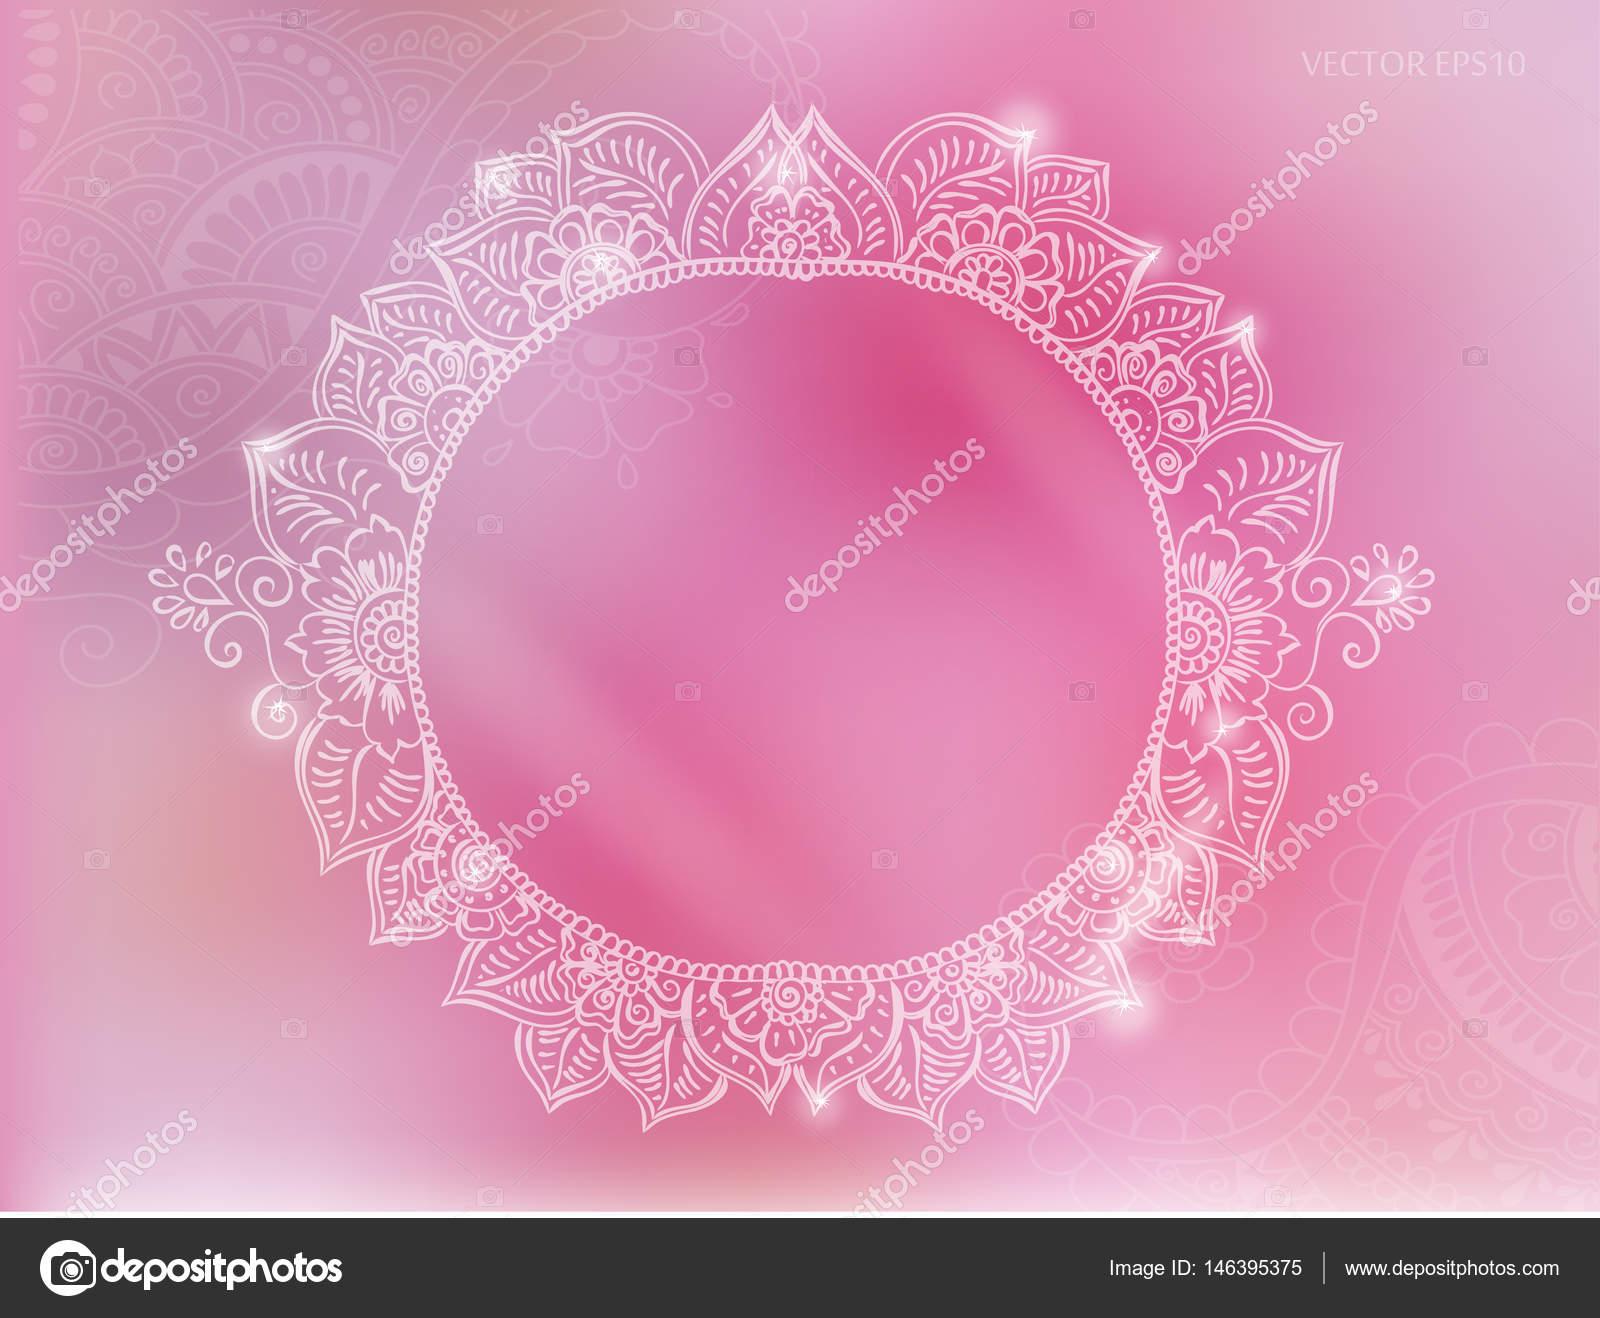 Tätowierung Henna hintergrund — Stockvektor © Lemuur #146395375